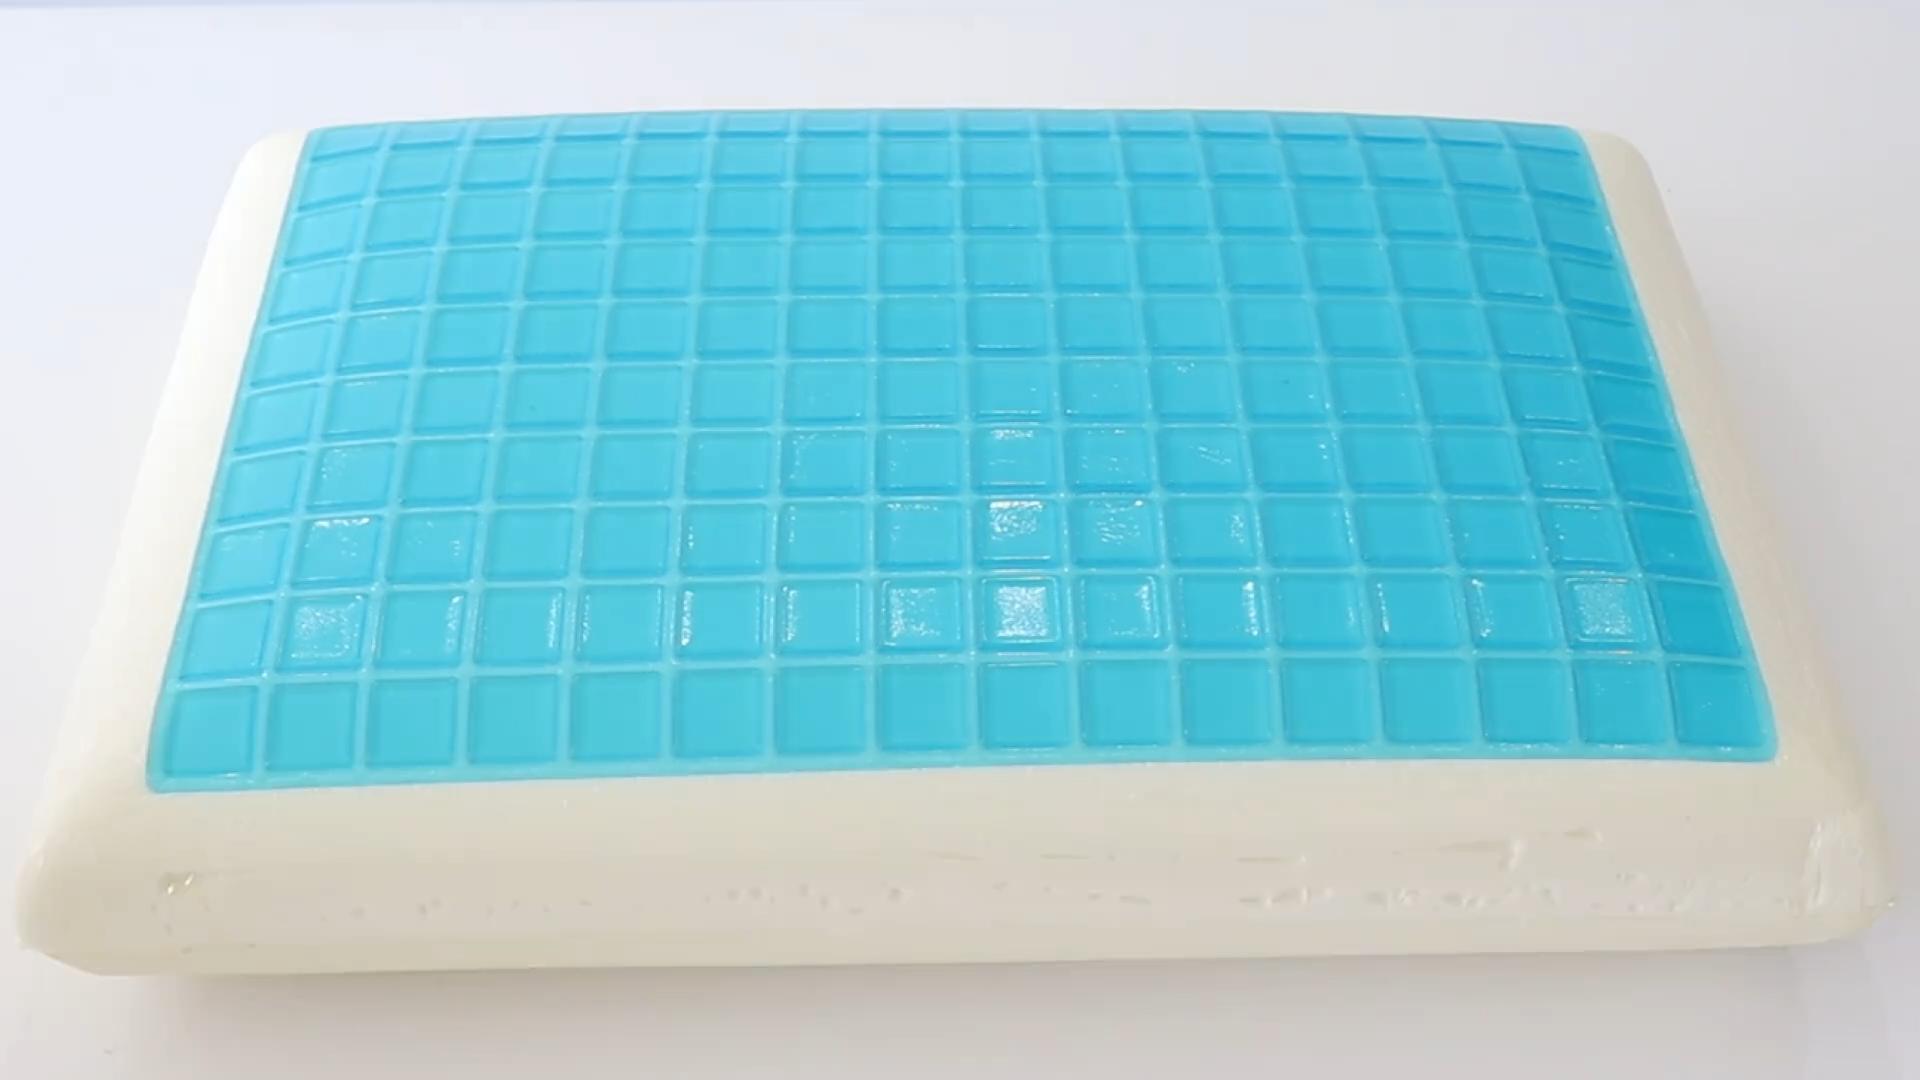 Cool Gel Omkeerbare Gel En Memory Foam Bed Kussen Gel Cooling Memory Foam Kussen Voor Slapen Koel Met Wasbare Ritssluiting cover